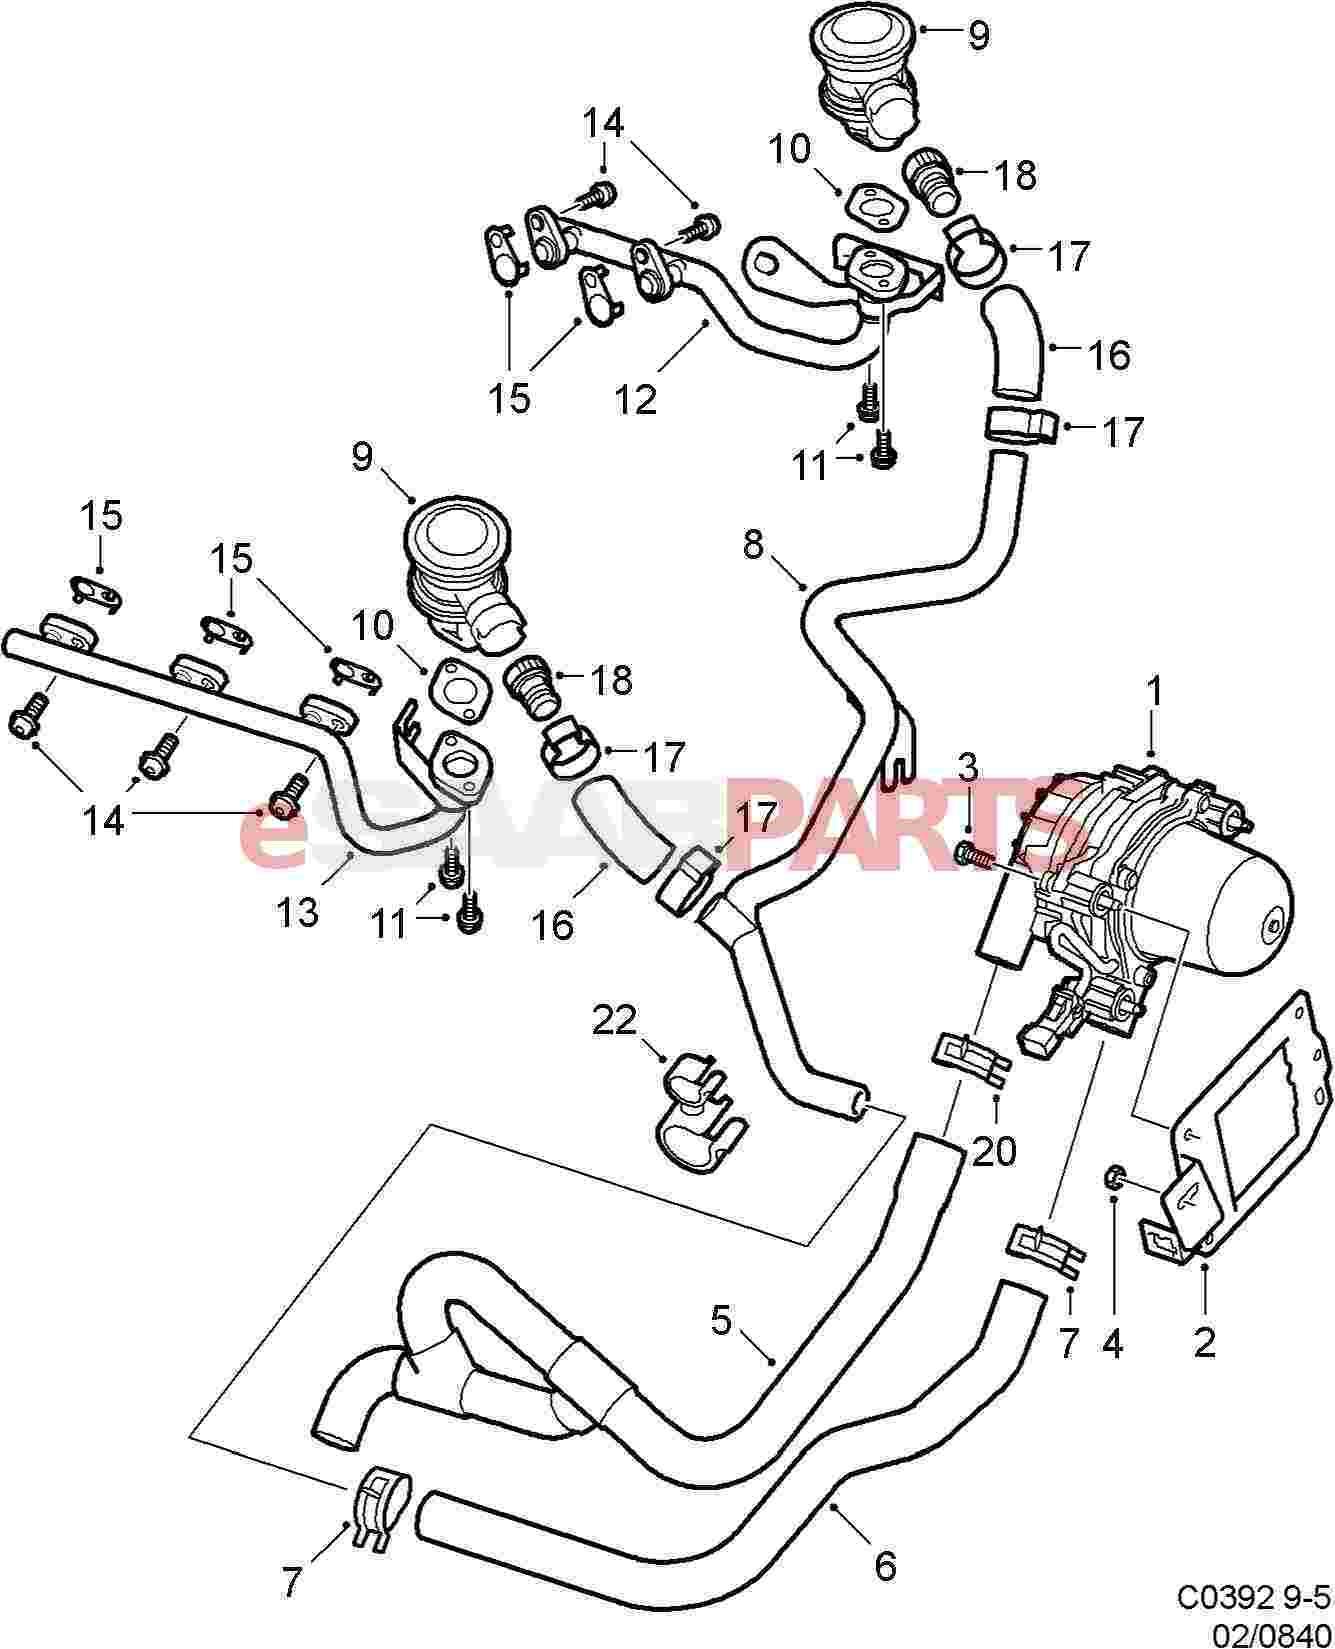 tags: #saab 9 5 engine problems#saab 2#2005 saab 9 3 engine#saab 9 3 linear  review#saab 9 3 parts diagram#saab 9 3 engine diagram#saab 9 3 aero x#2001  saab